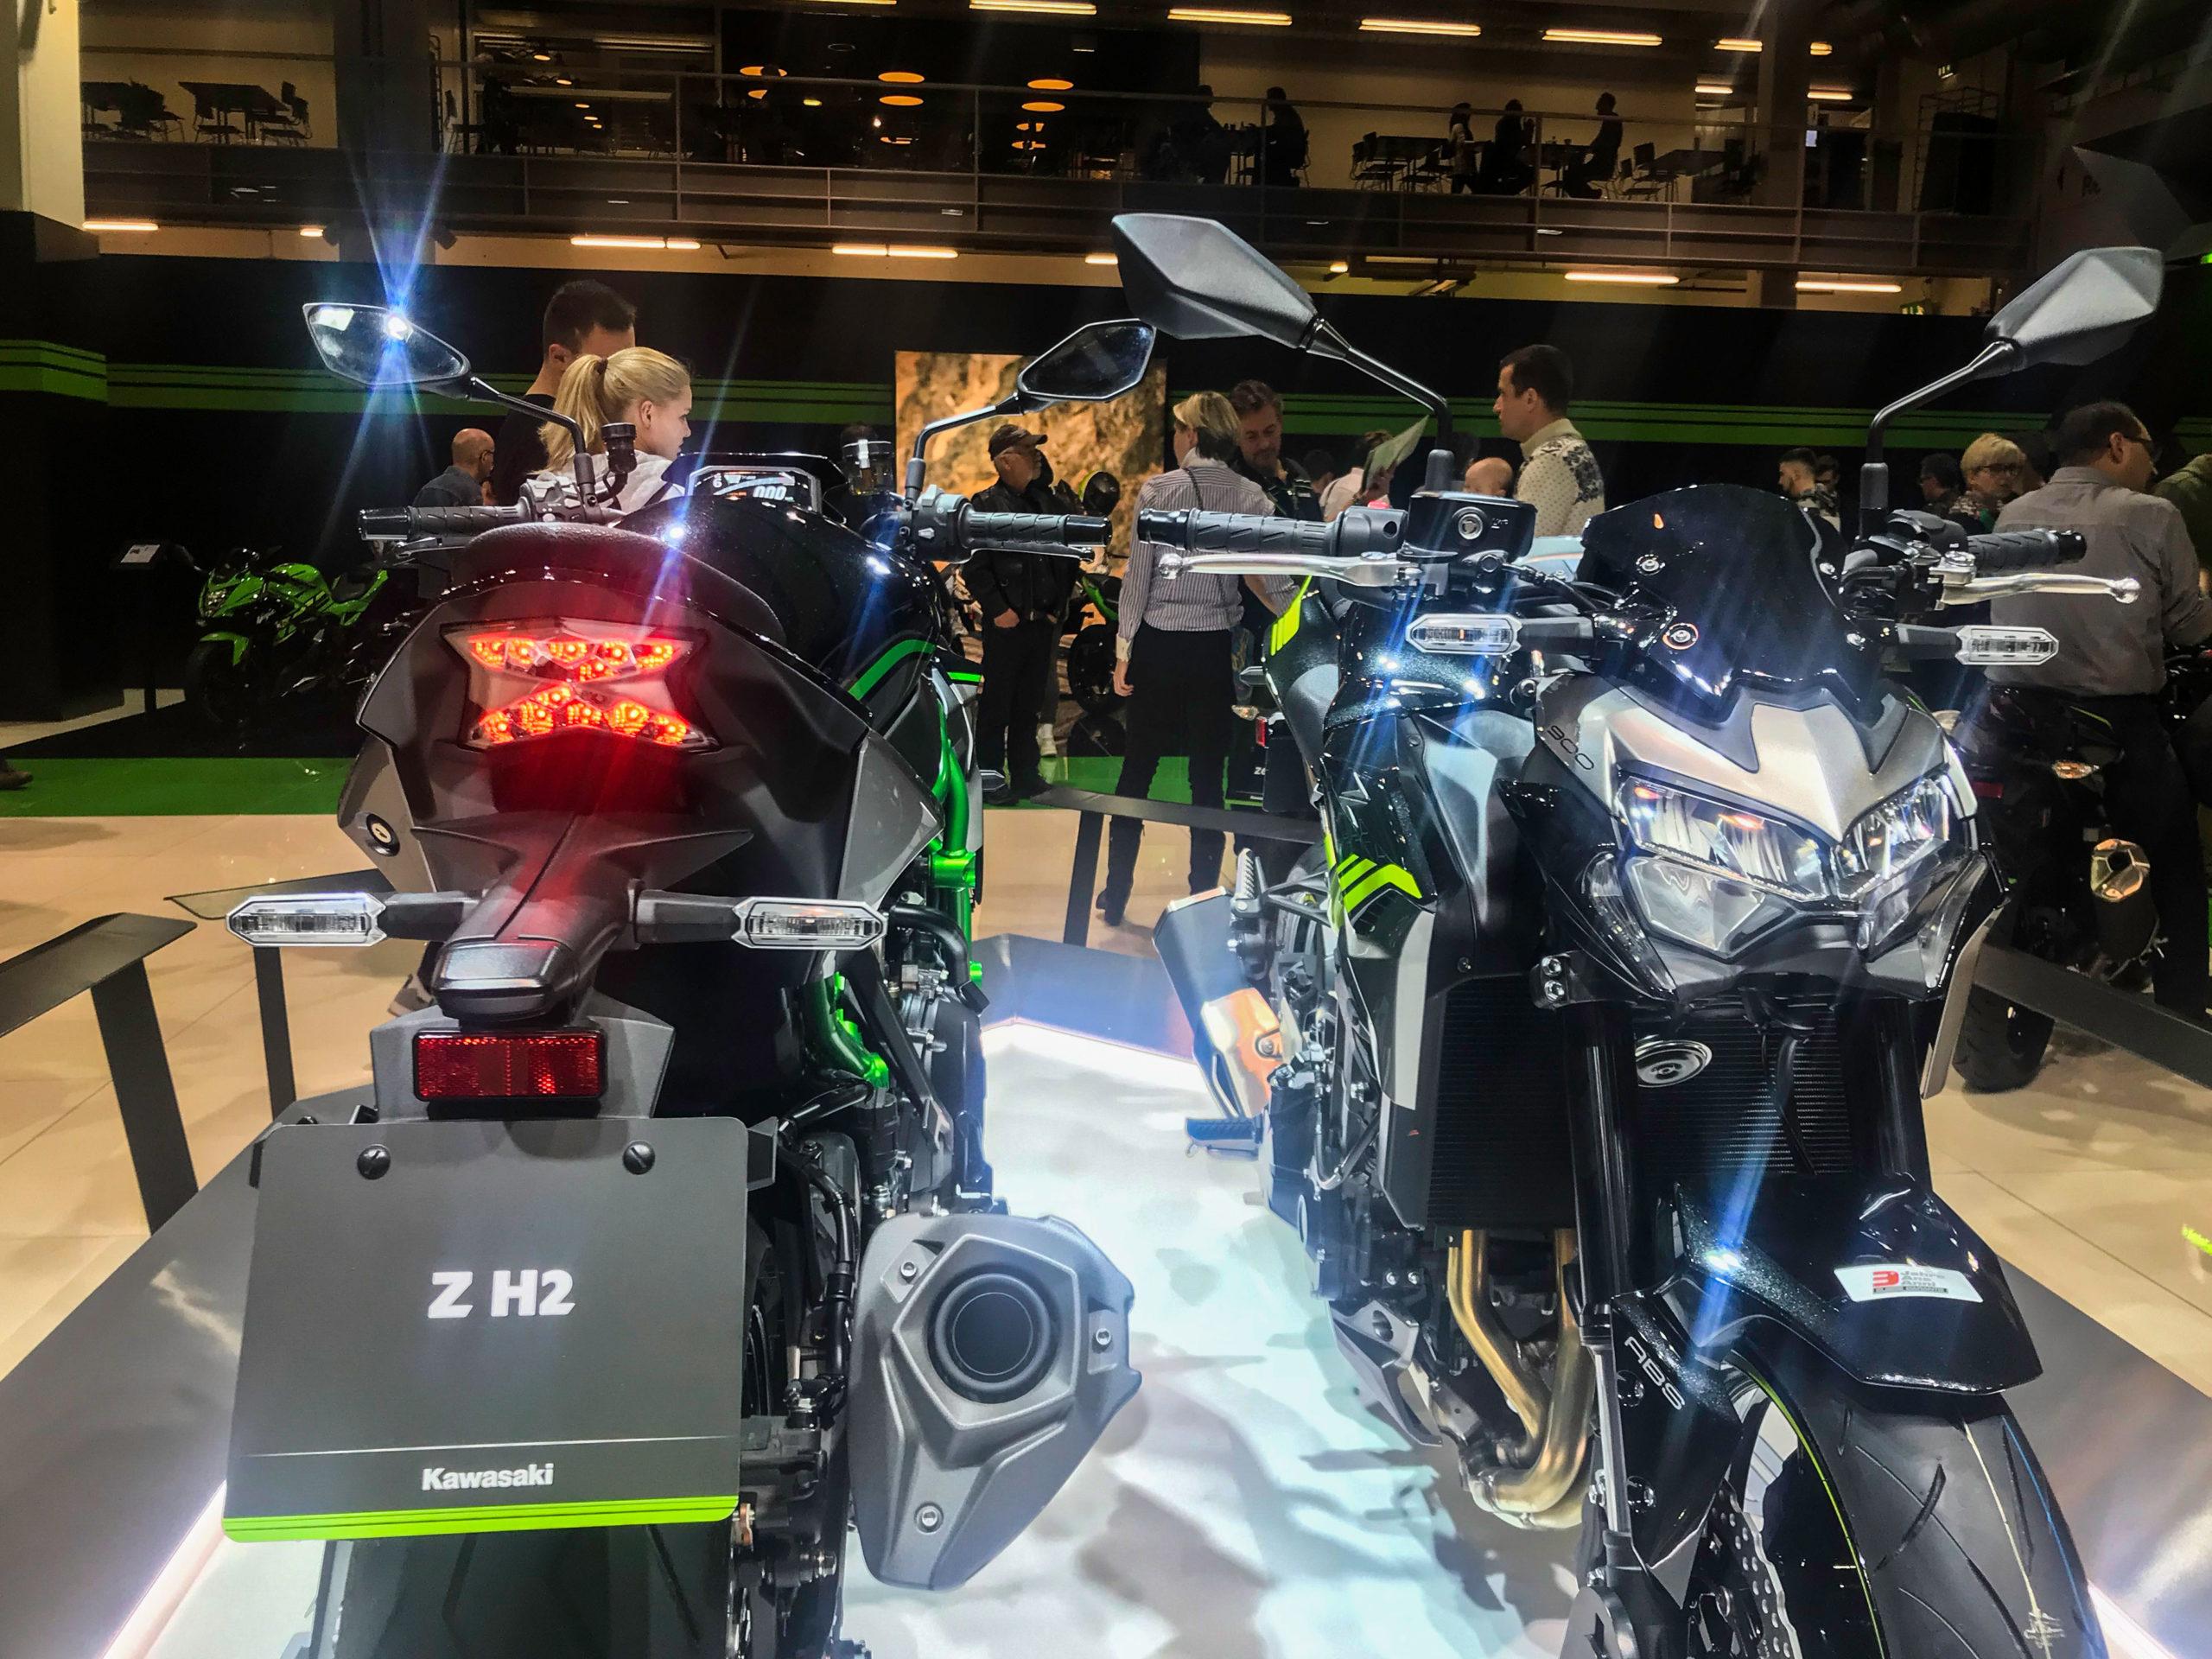 Salon moto 17